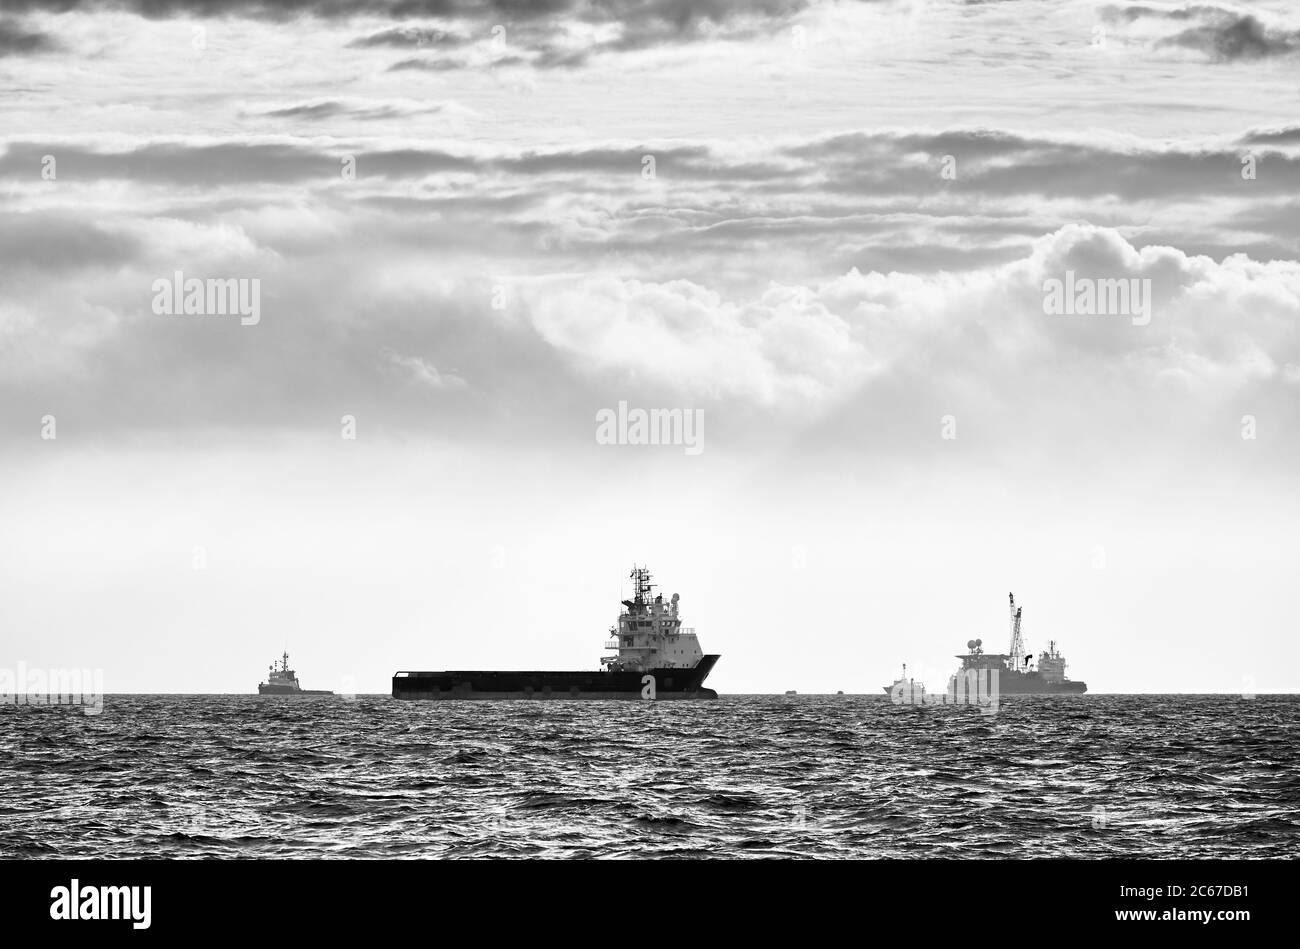 Immagine in bianco e nero delle silhouette delle navi all'orizzonte al tramonto. Foto Stock